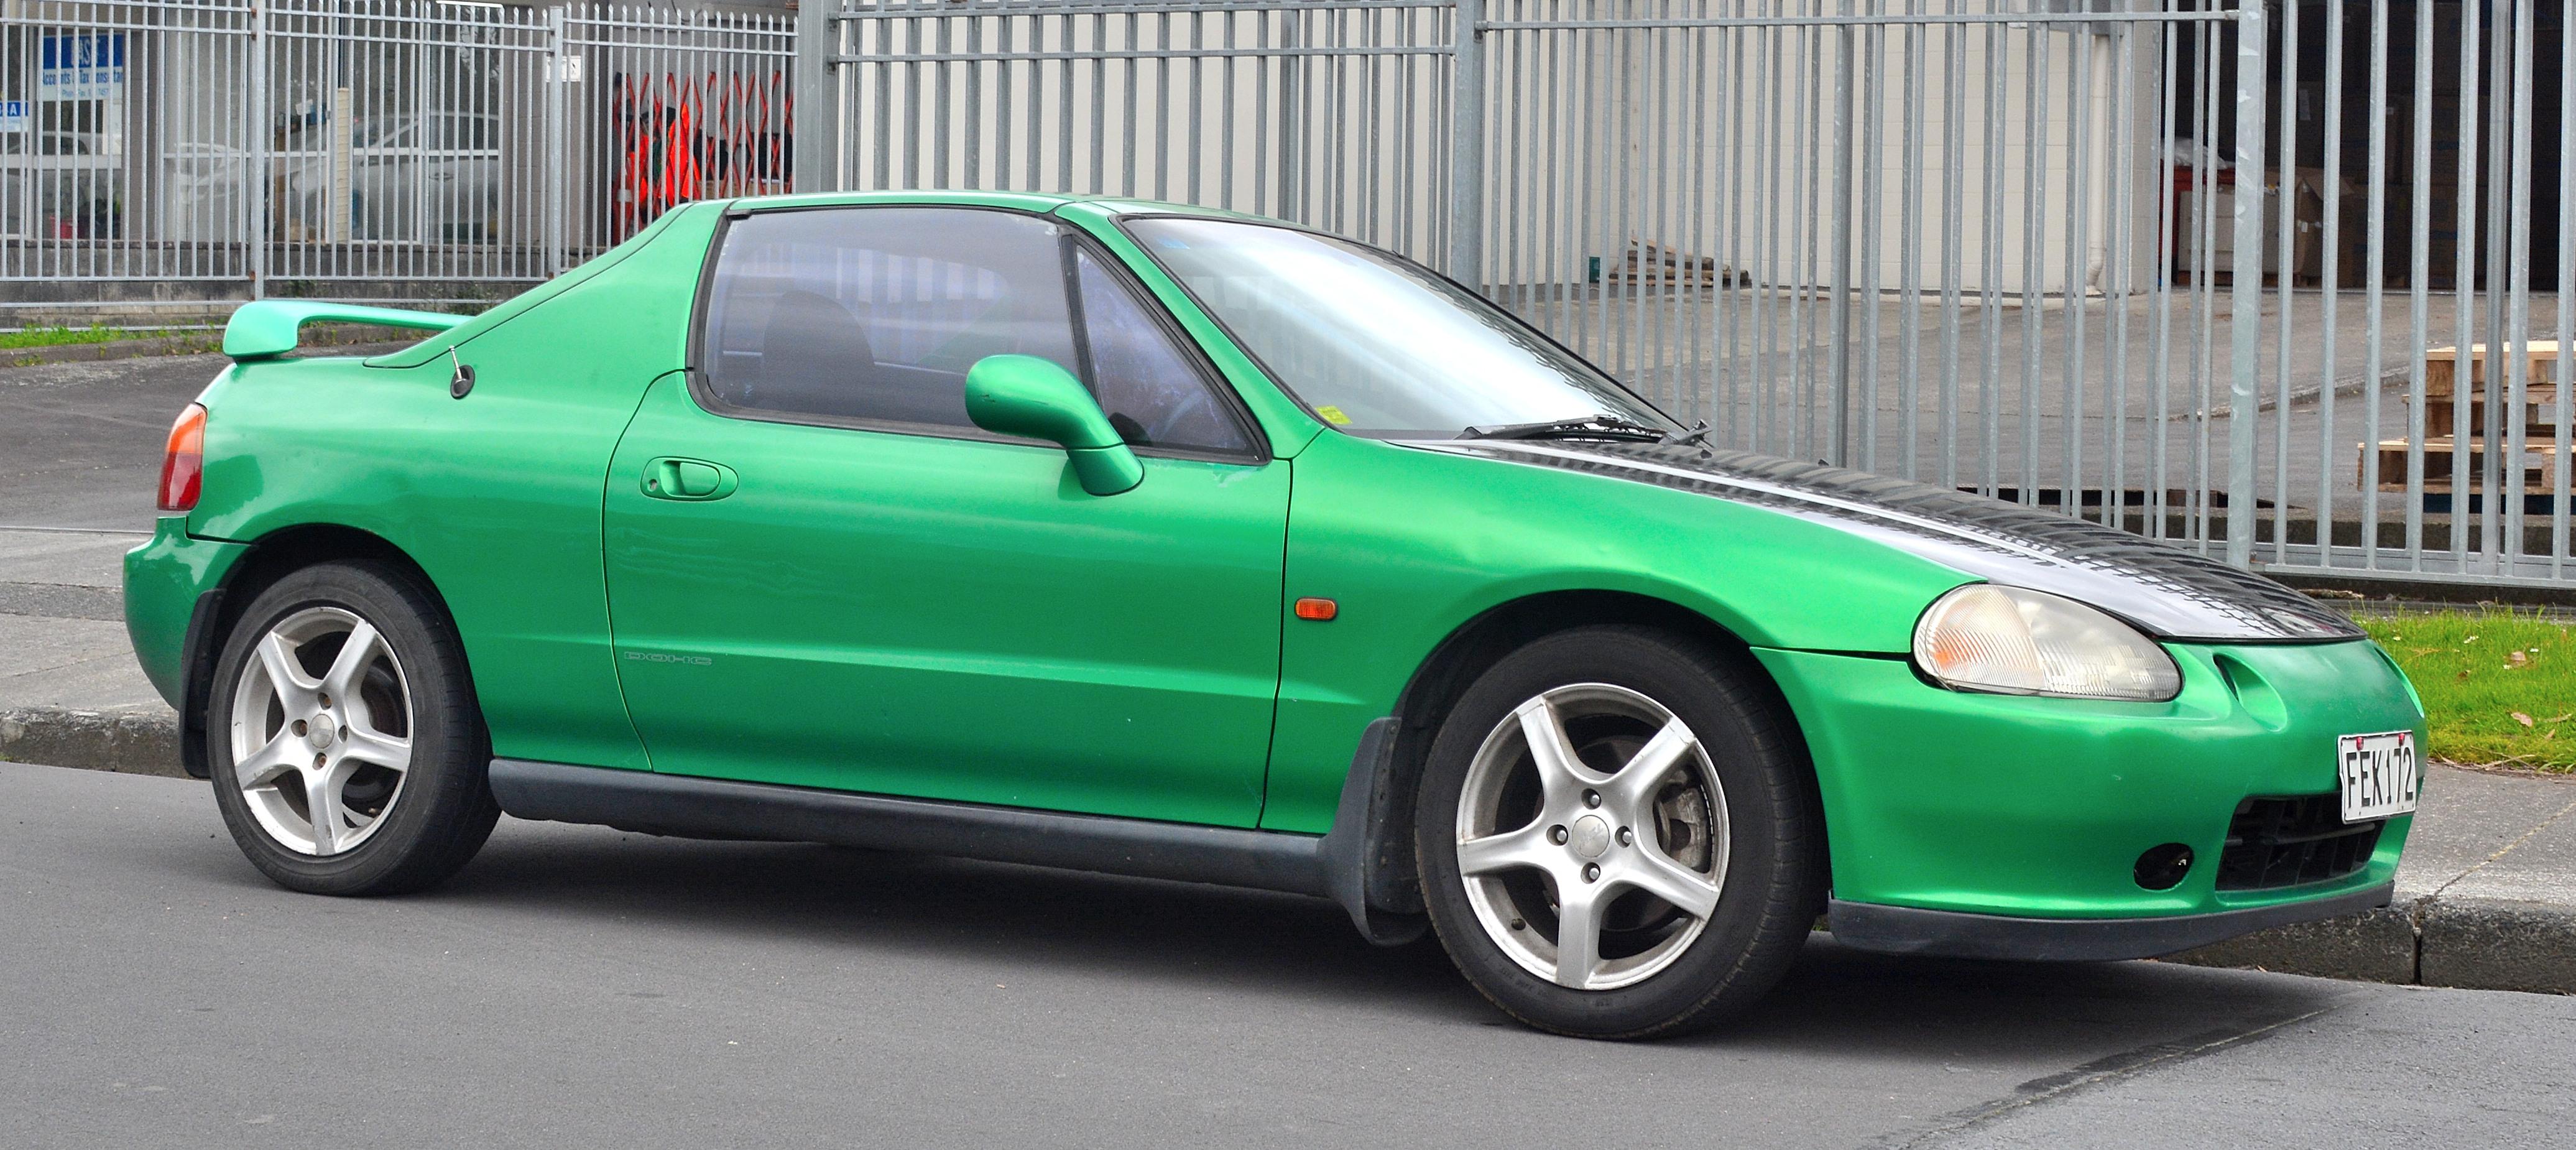 Del sol crx Classic Cars